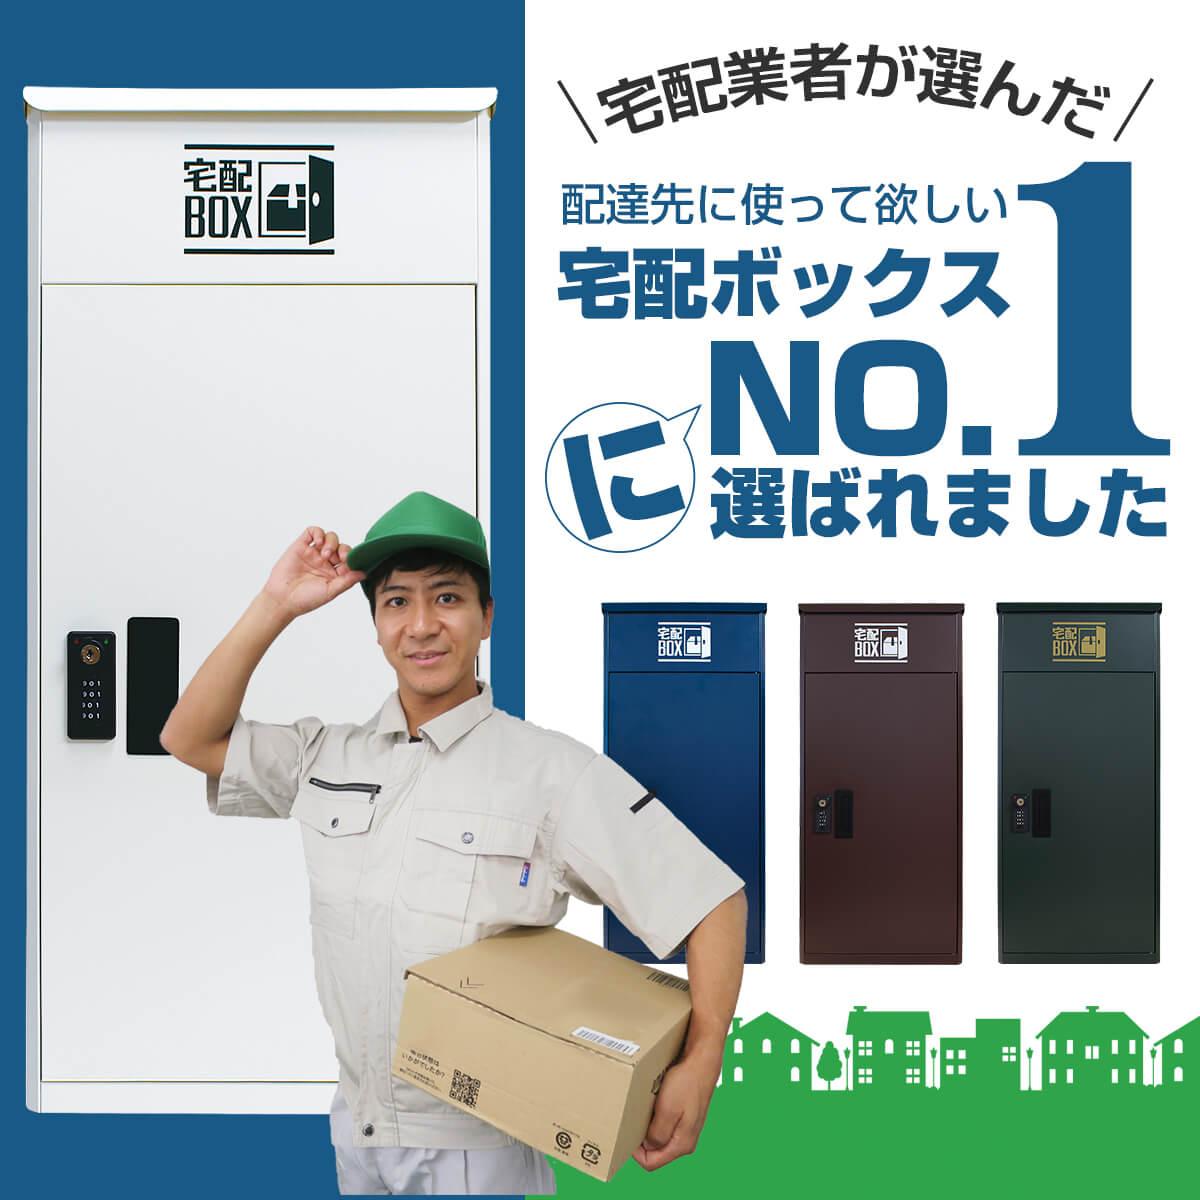 業者が選ぶNo.1